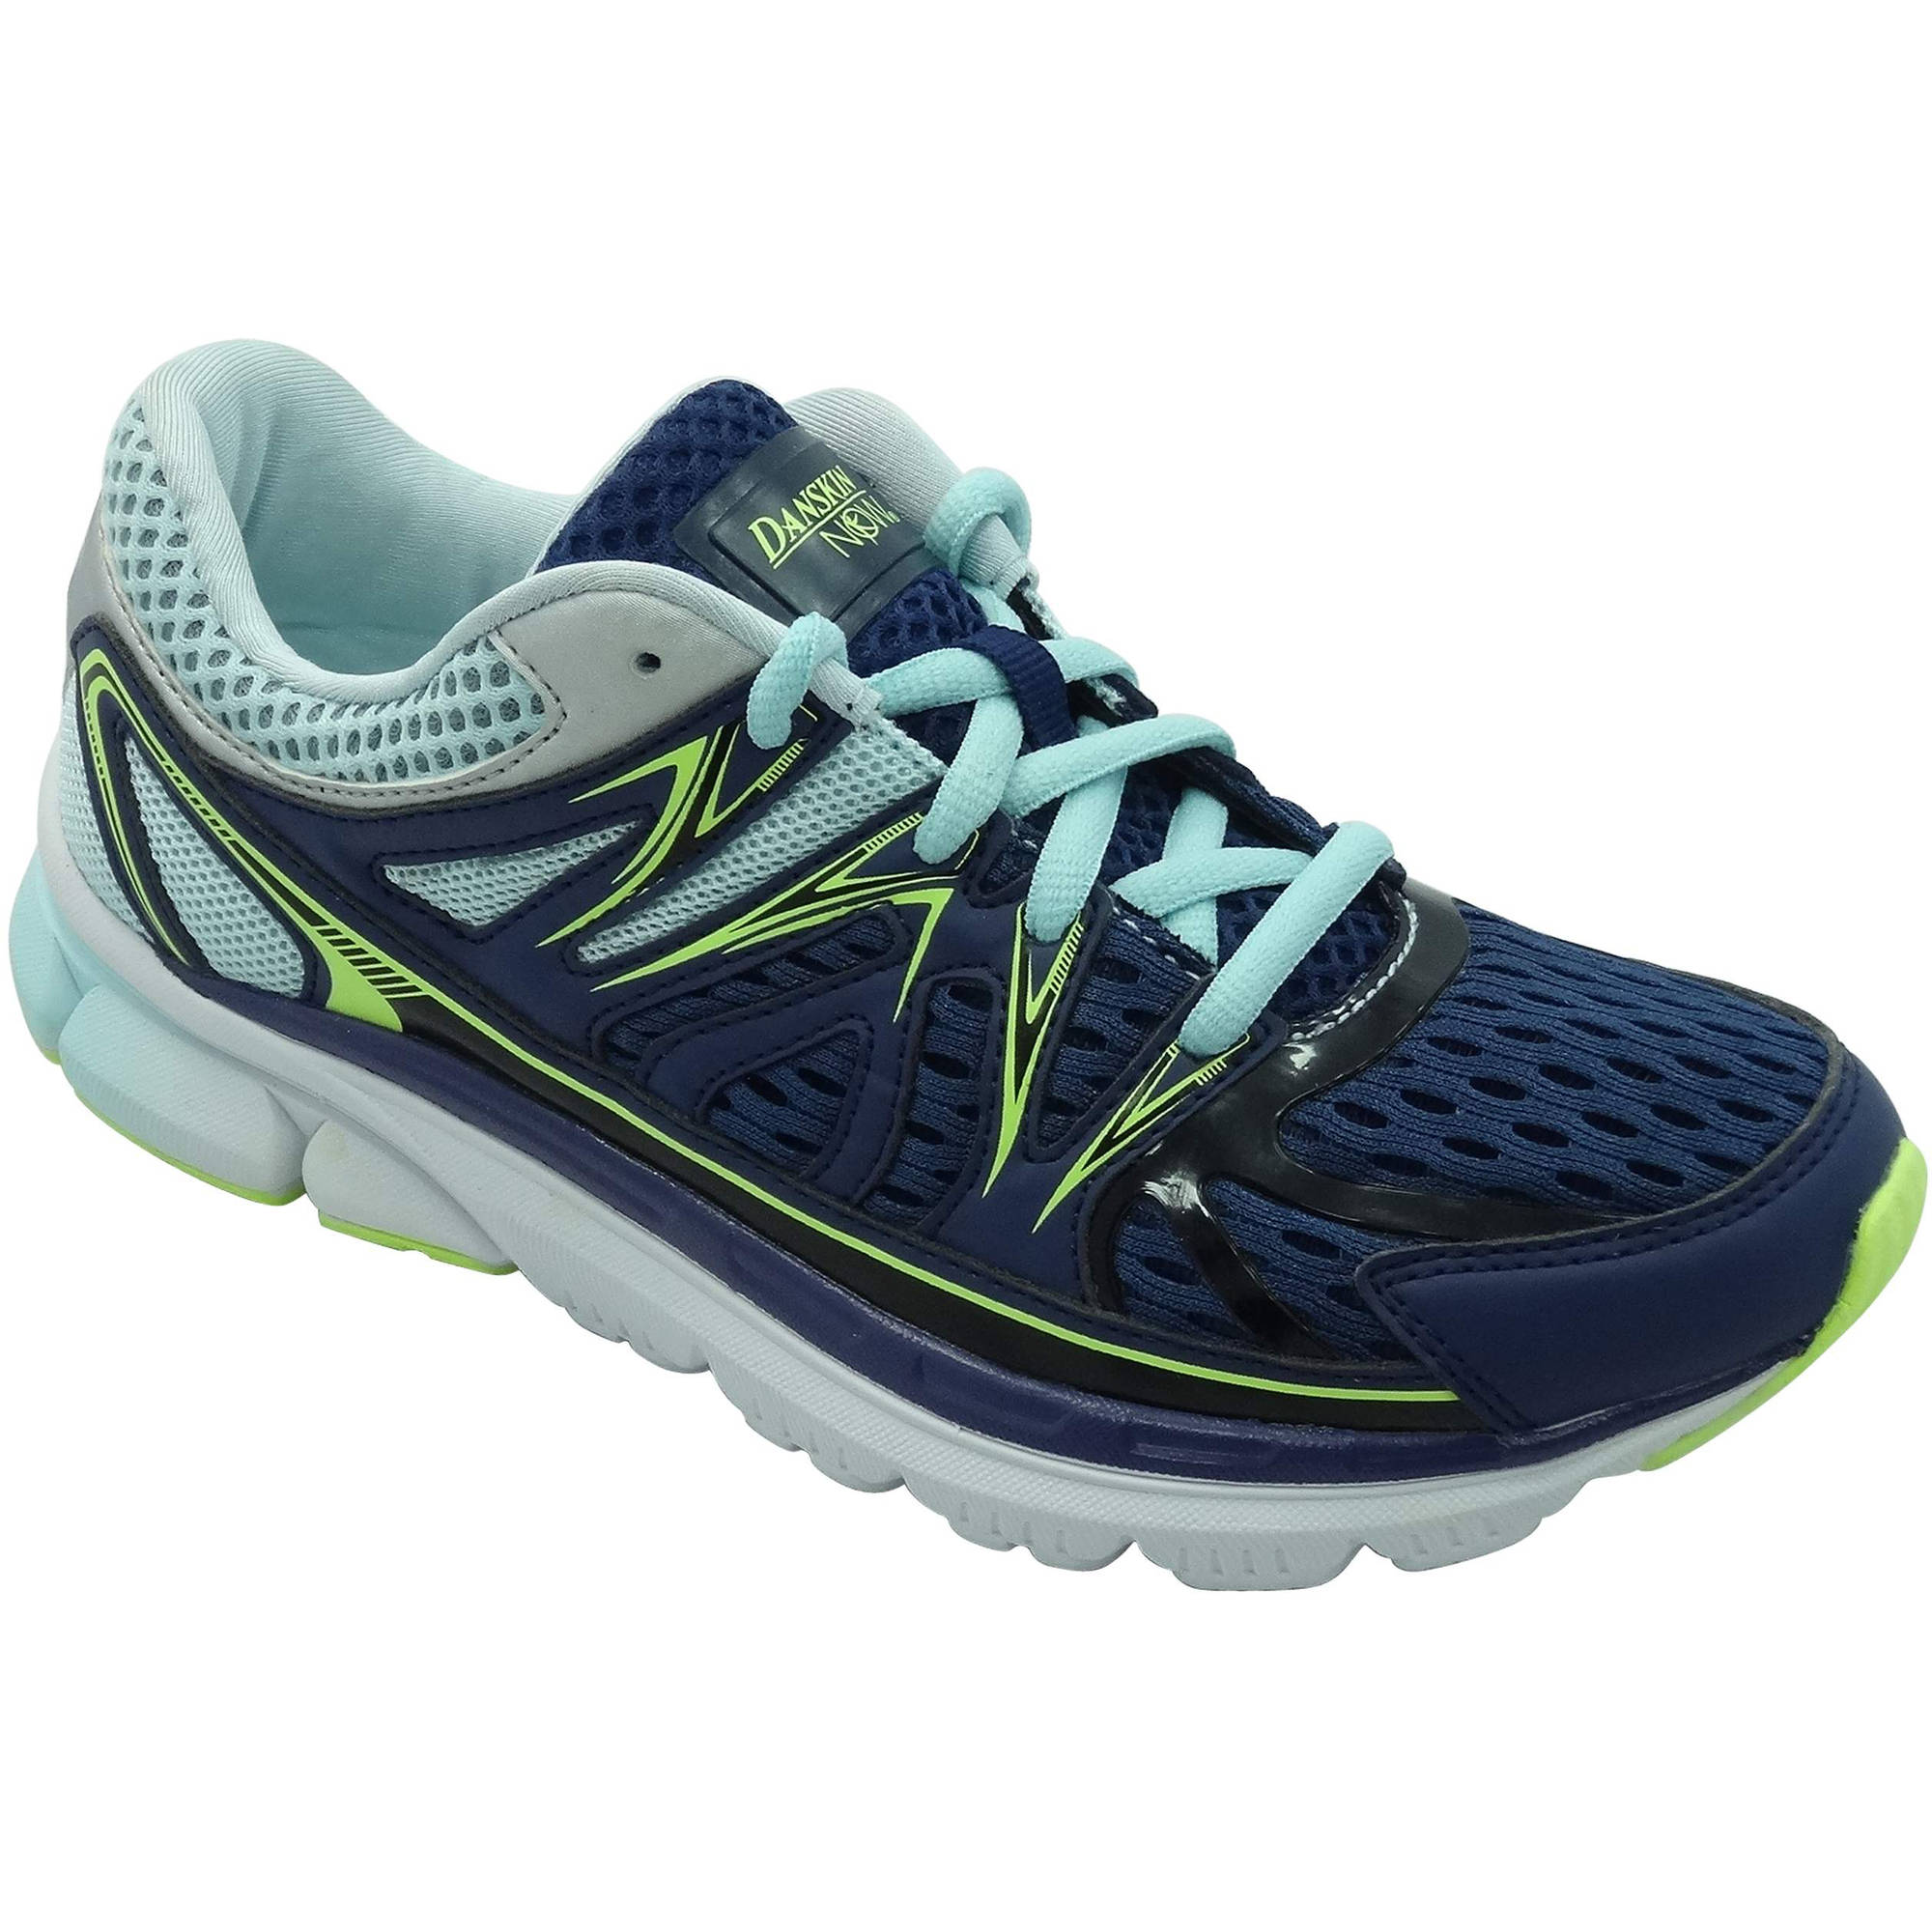 Danskin Now Women's Mesh Slip-On Athletic Shoe